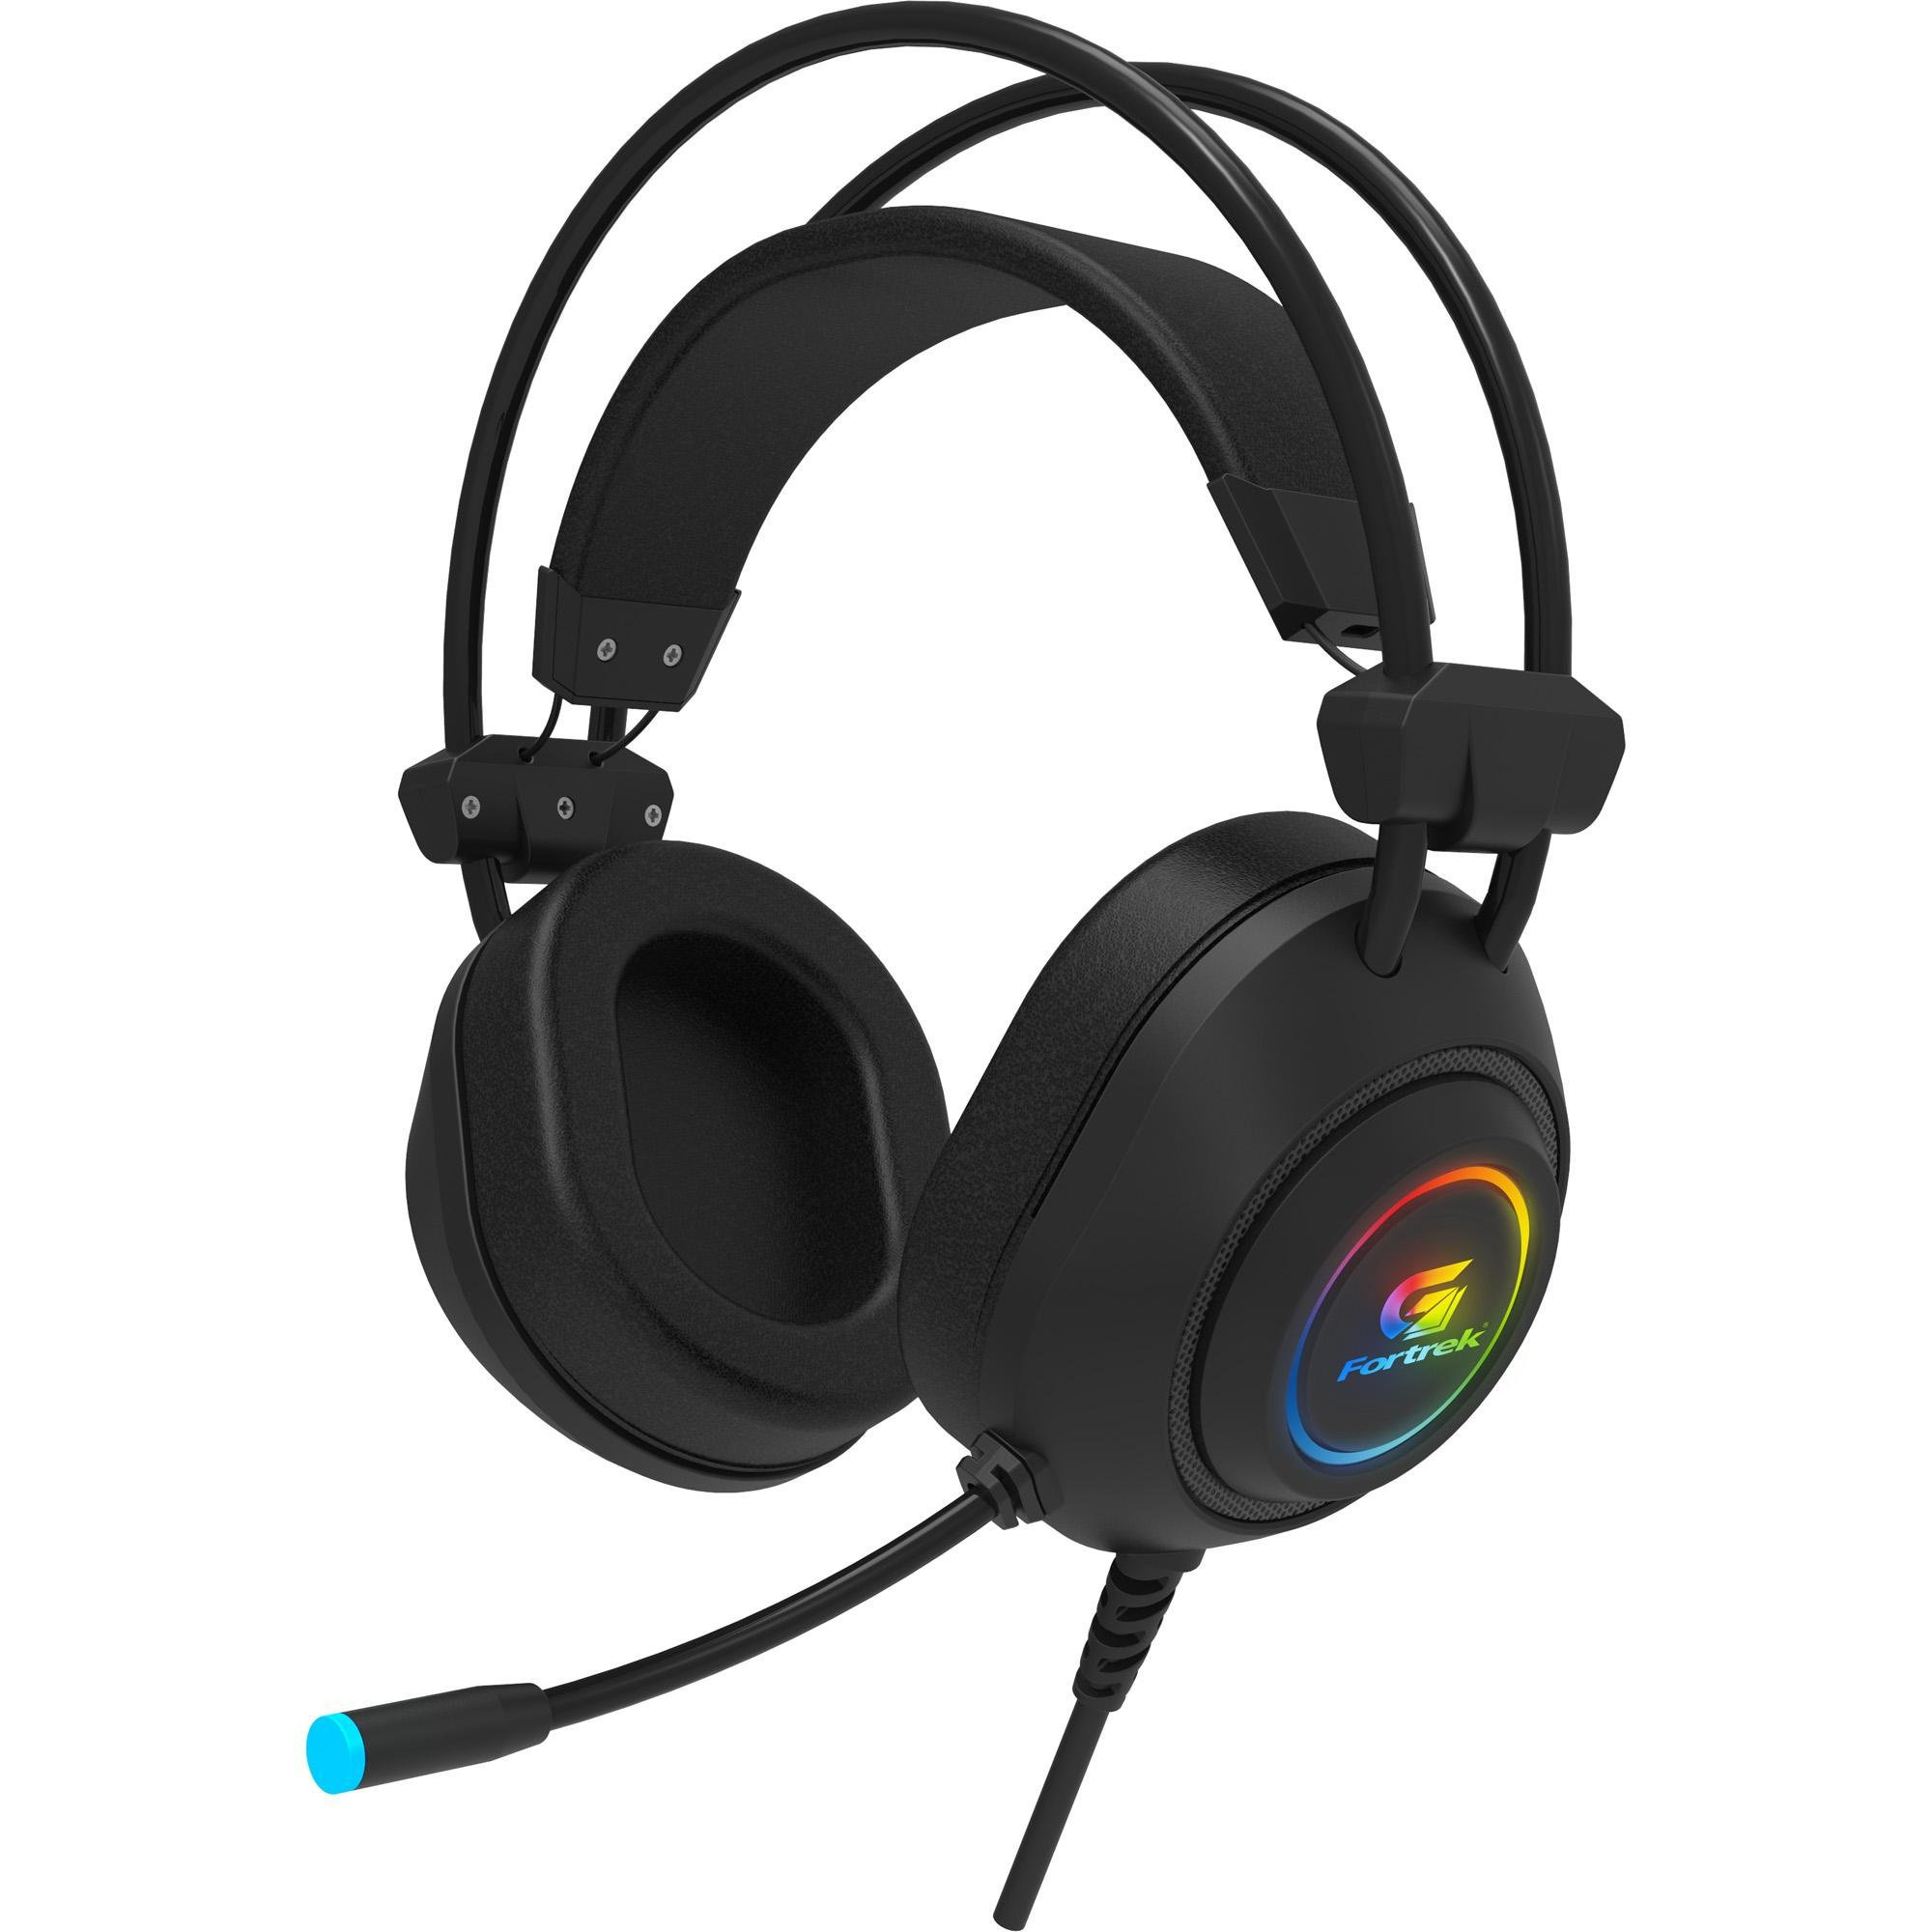 fone de ouvido desfrutando preto fortrek gamer rgb crusader com microfone 49949 2000 201178 1